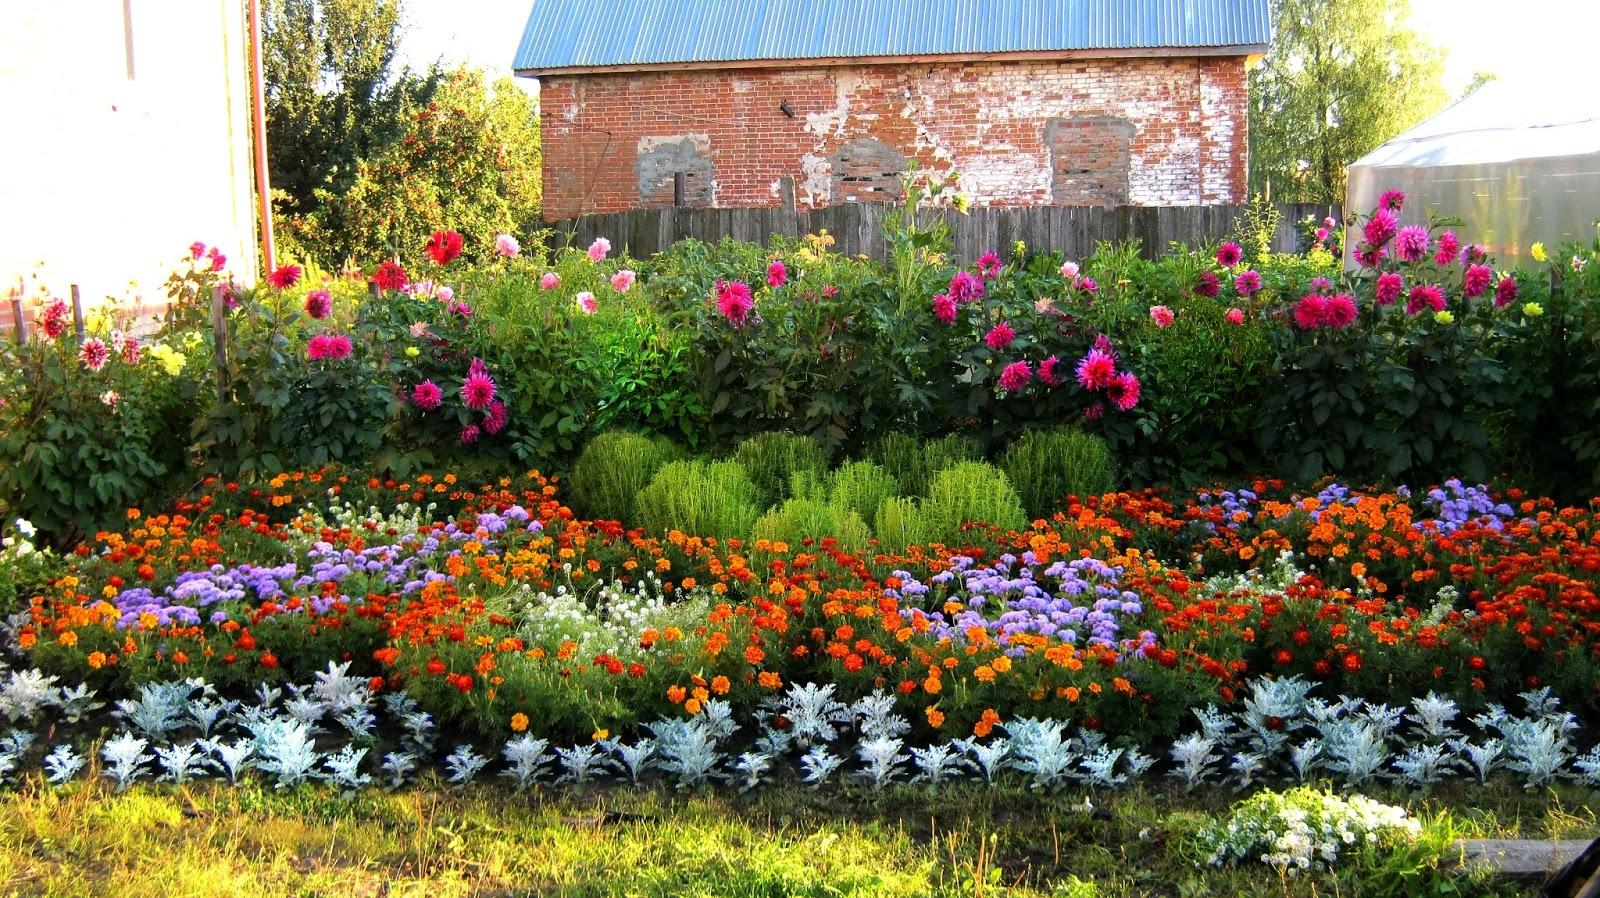 Картинки по запросу Красивые и неприхотливые растения для начинающего садовода